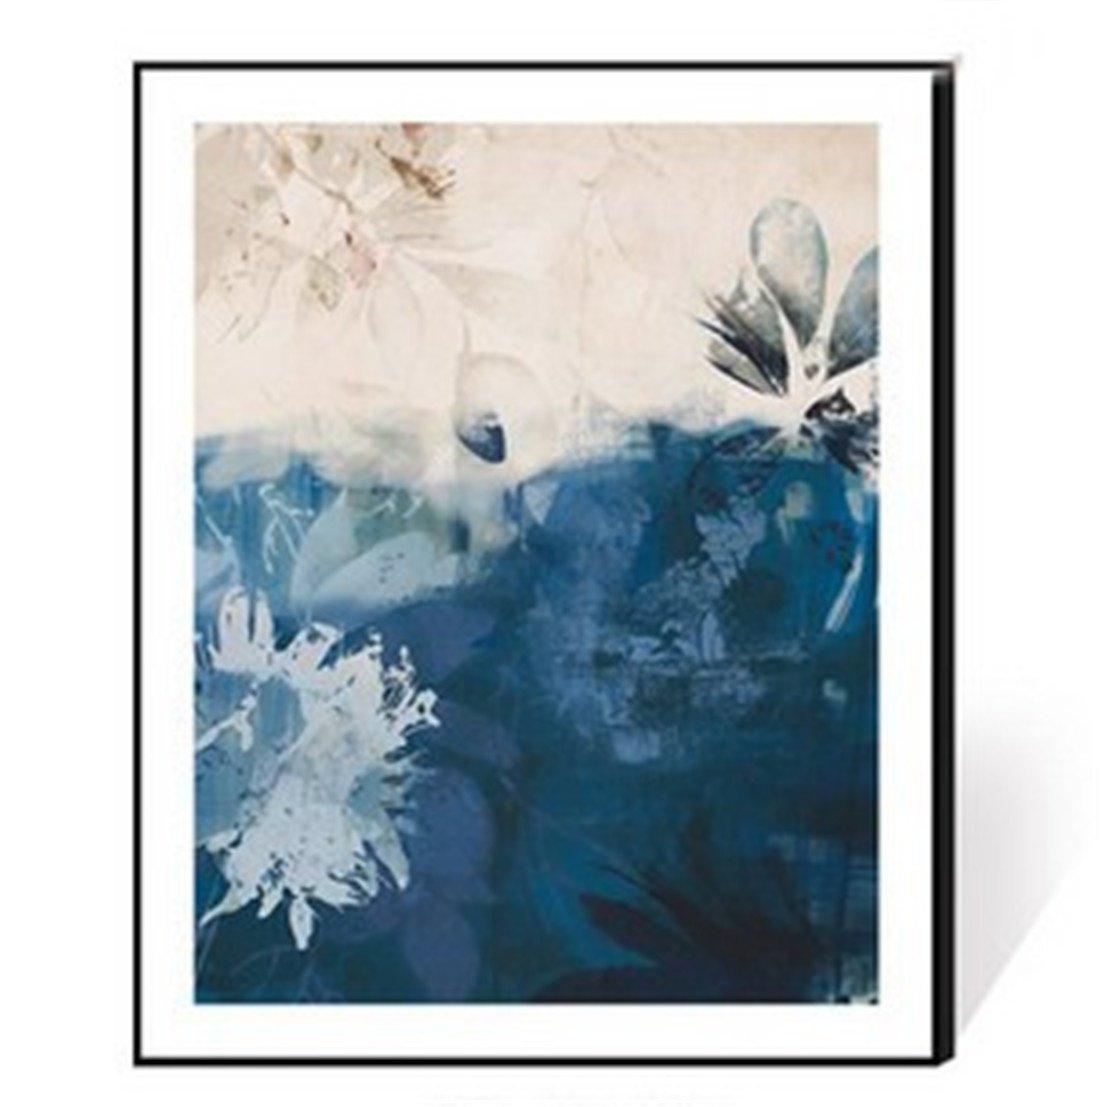 BENJUNEstilo Minimalista Moderno de la Sala de Estar de Que Pinta la Pintura Minimalista Moderna del Marco de Aluminio Que Pinta la Pintura Mural del Tono Azul Abstracto (los 35  45cm), a